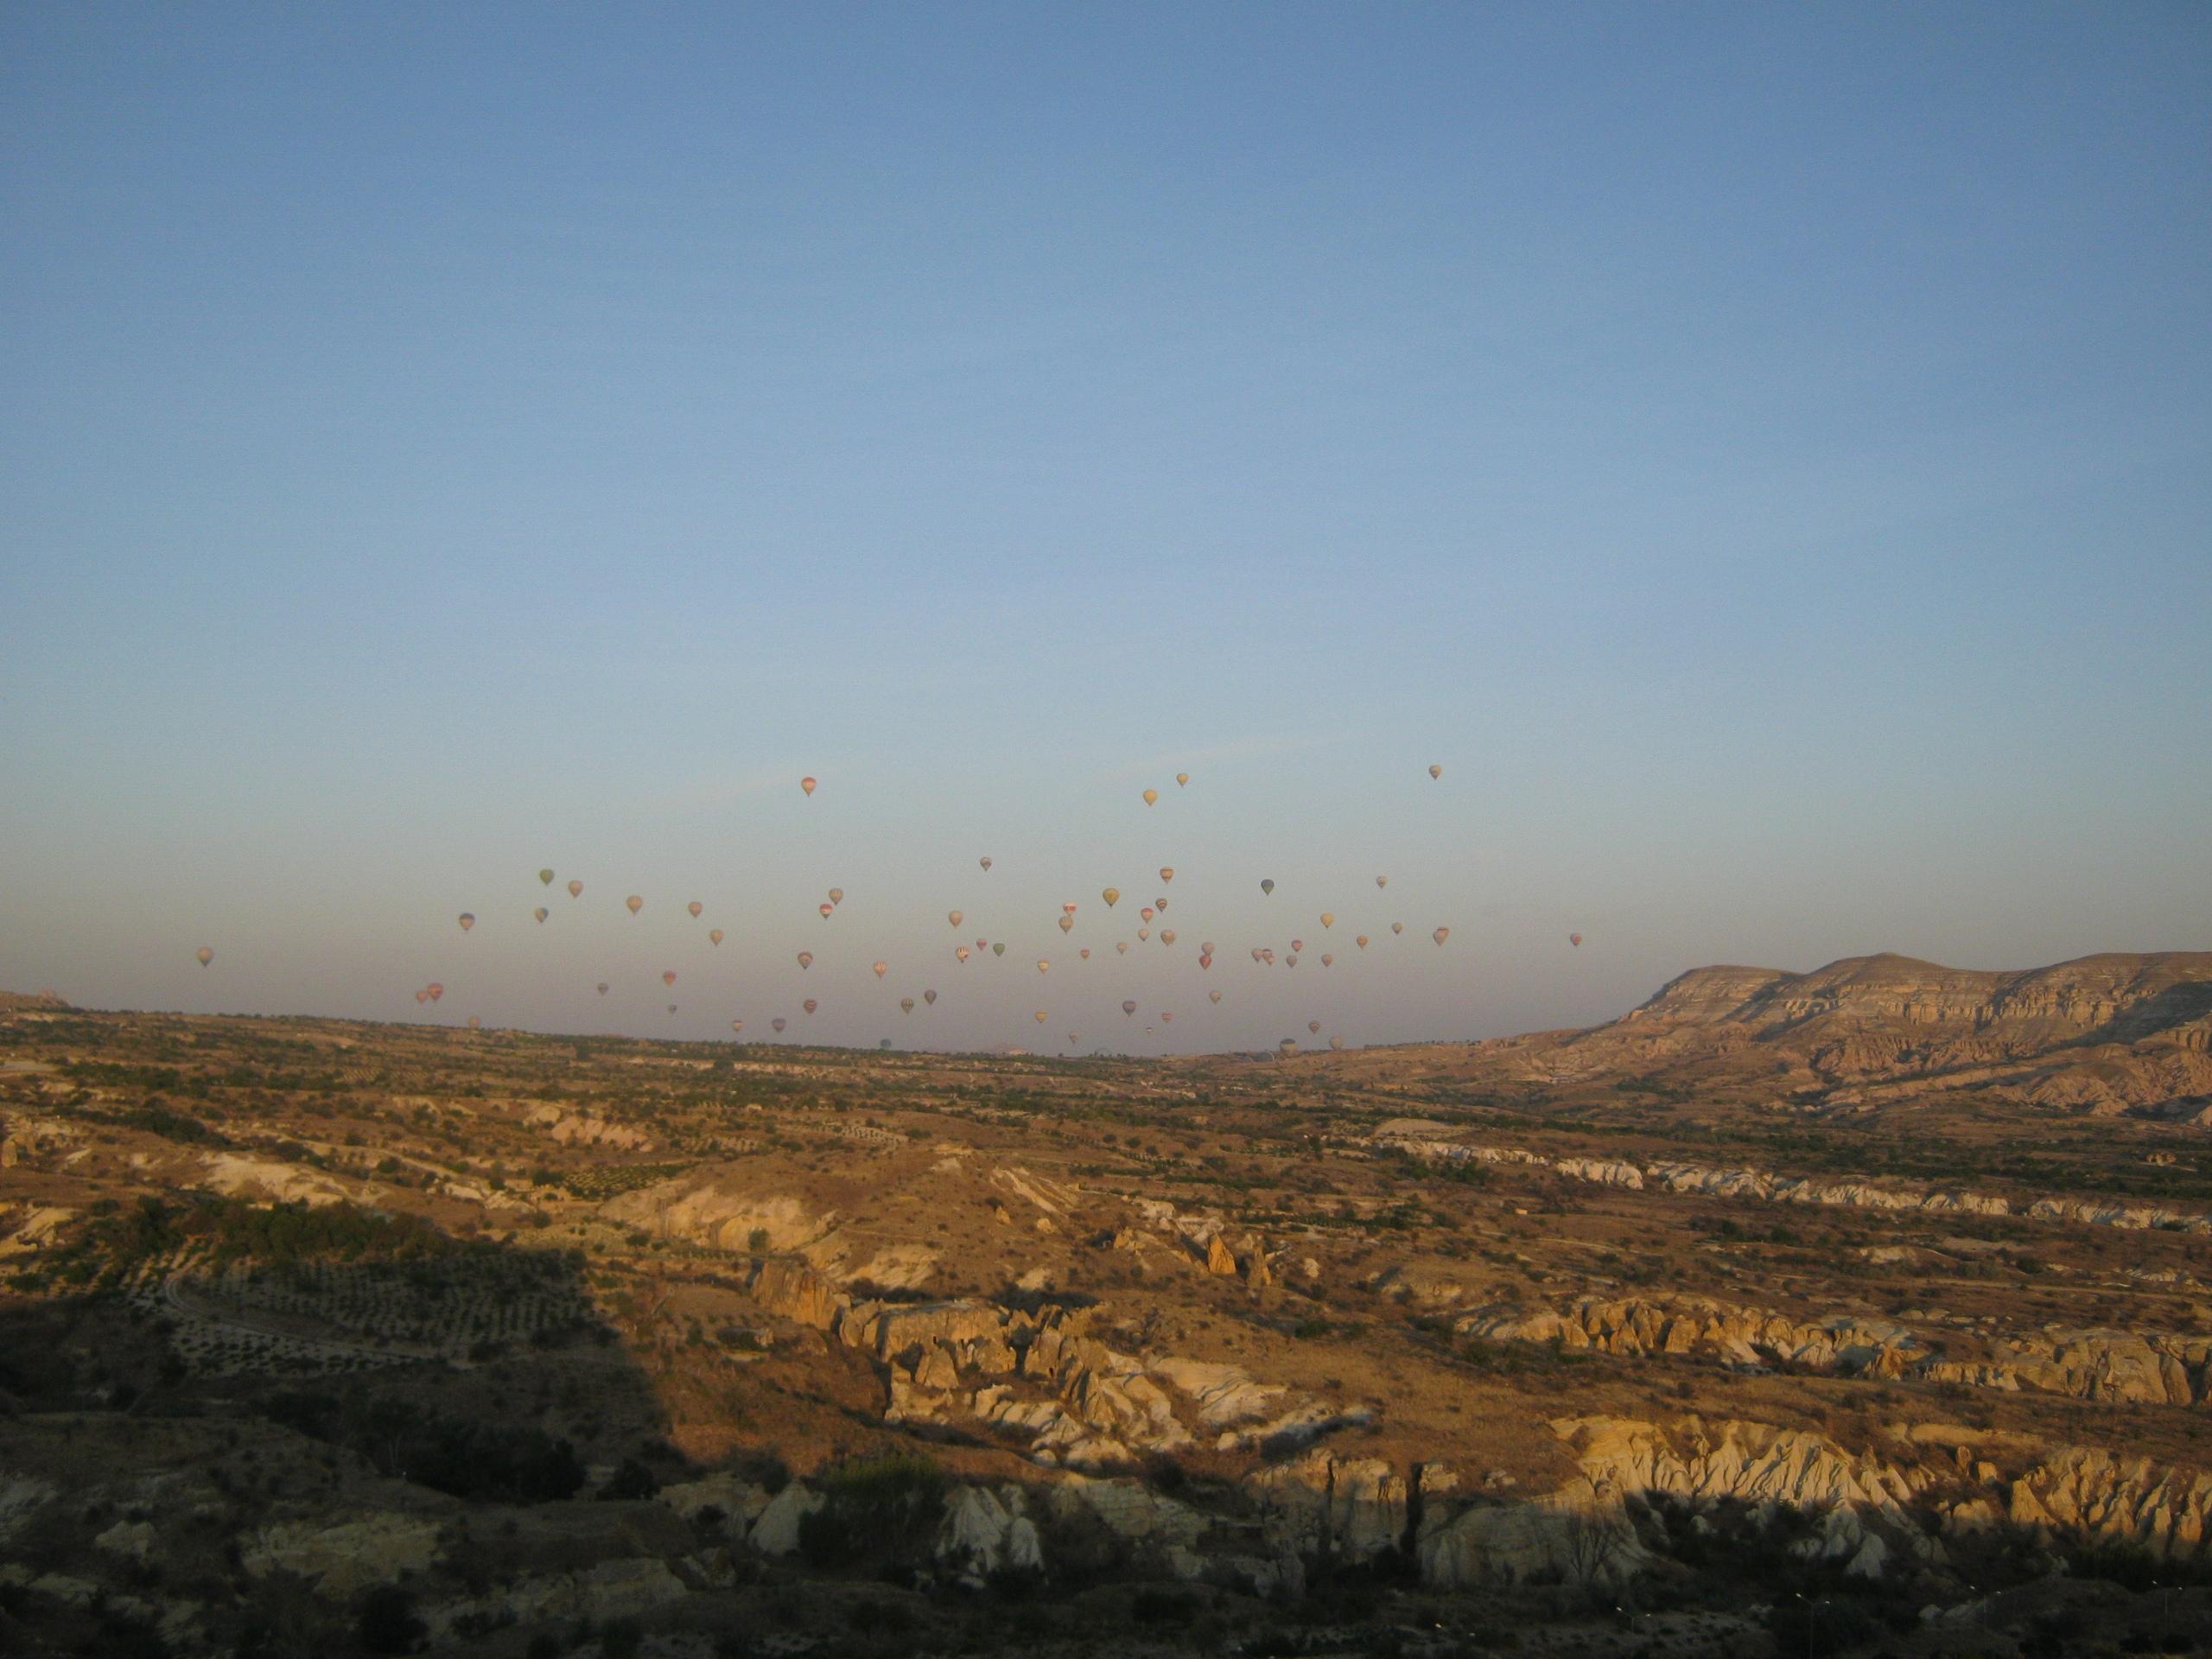 Воздухо-плавательные шарики над долинами Каппадокии